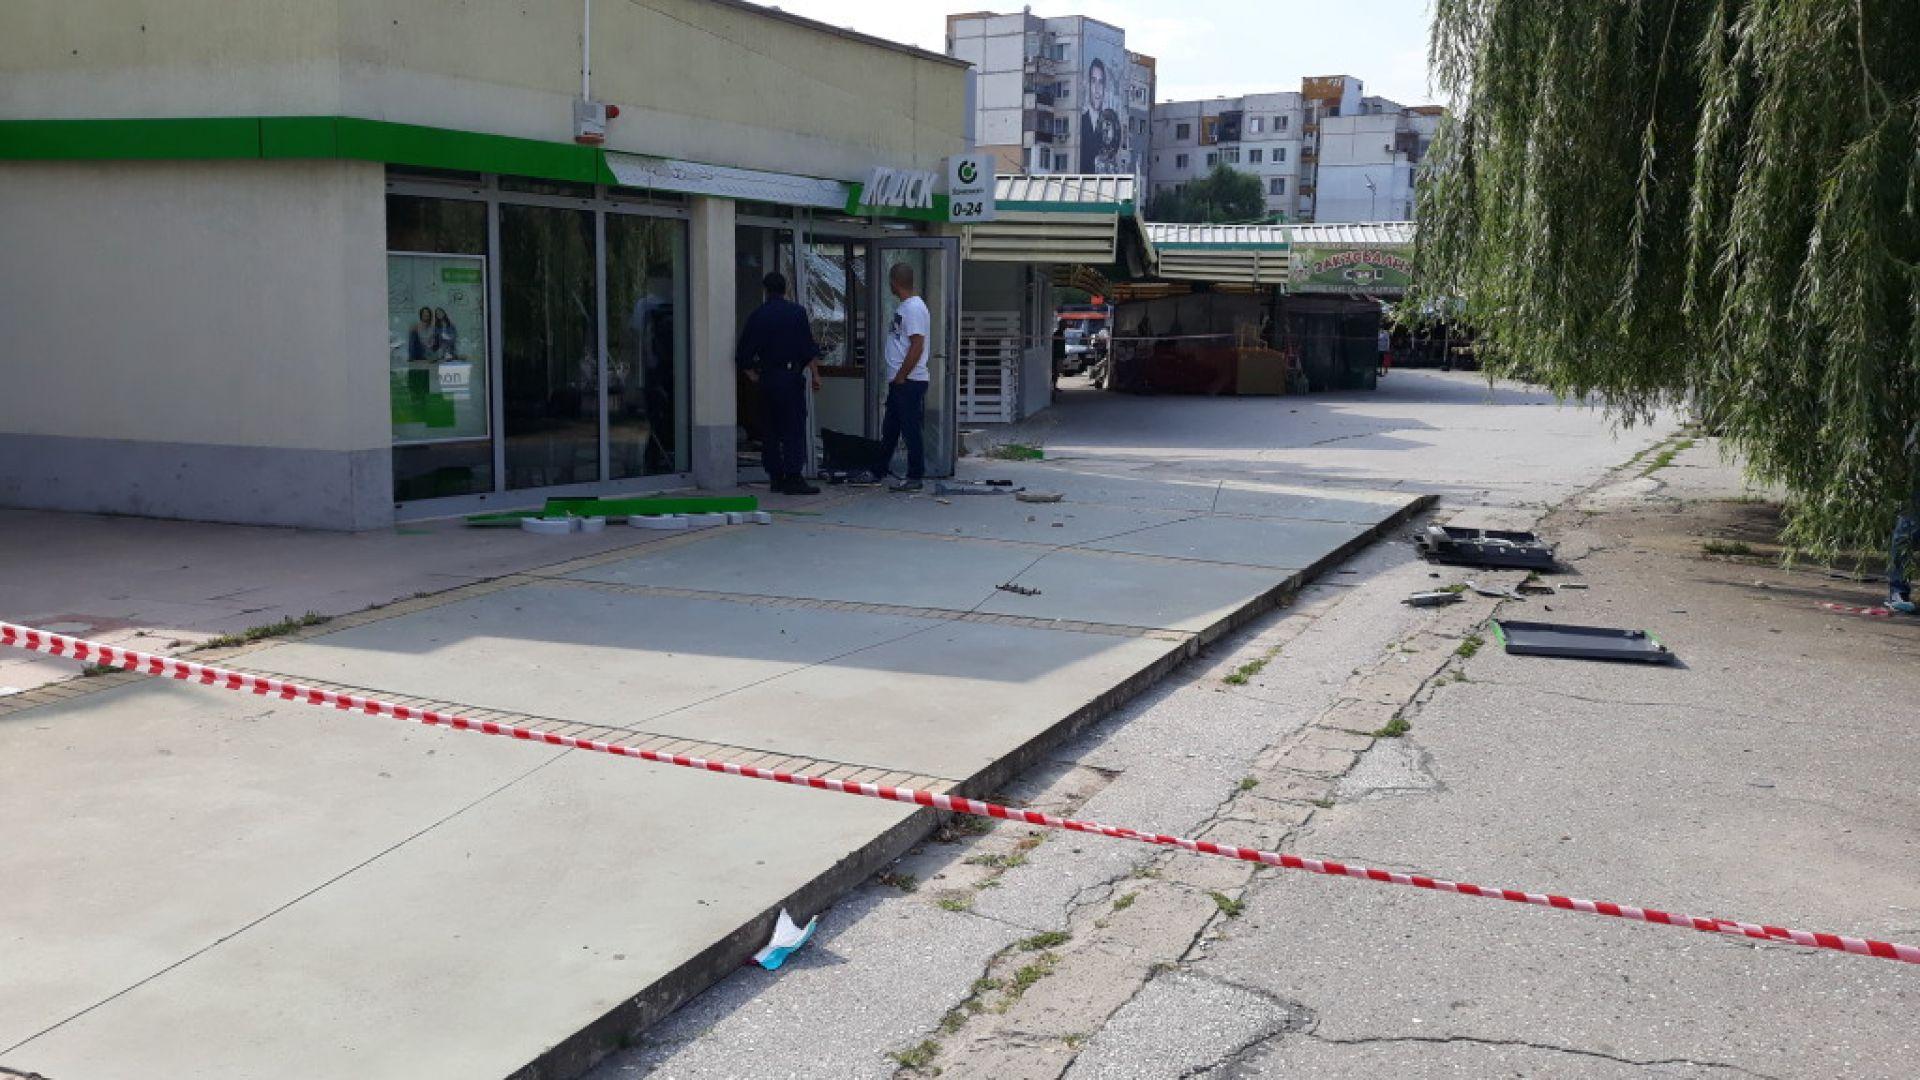 Обирджиите, взривили банкомат в Пловдив, са разкрити и задържани